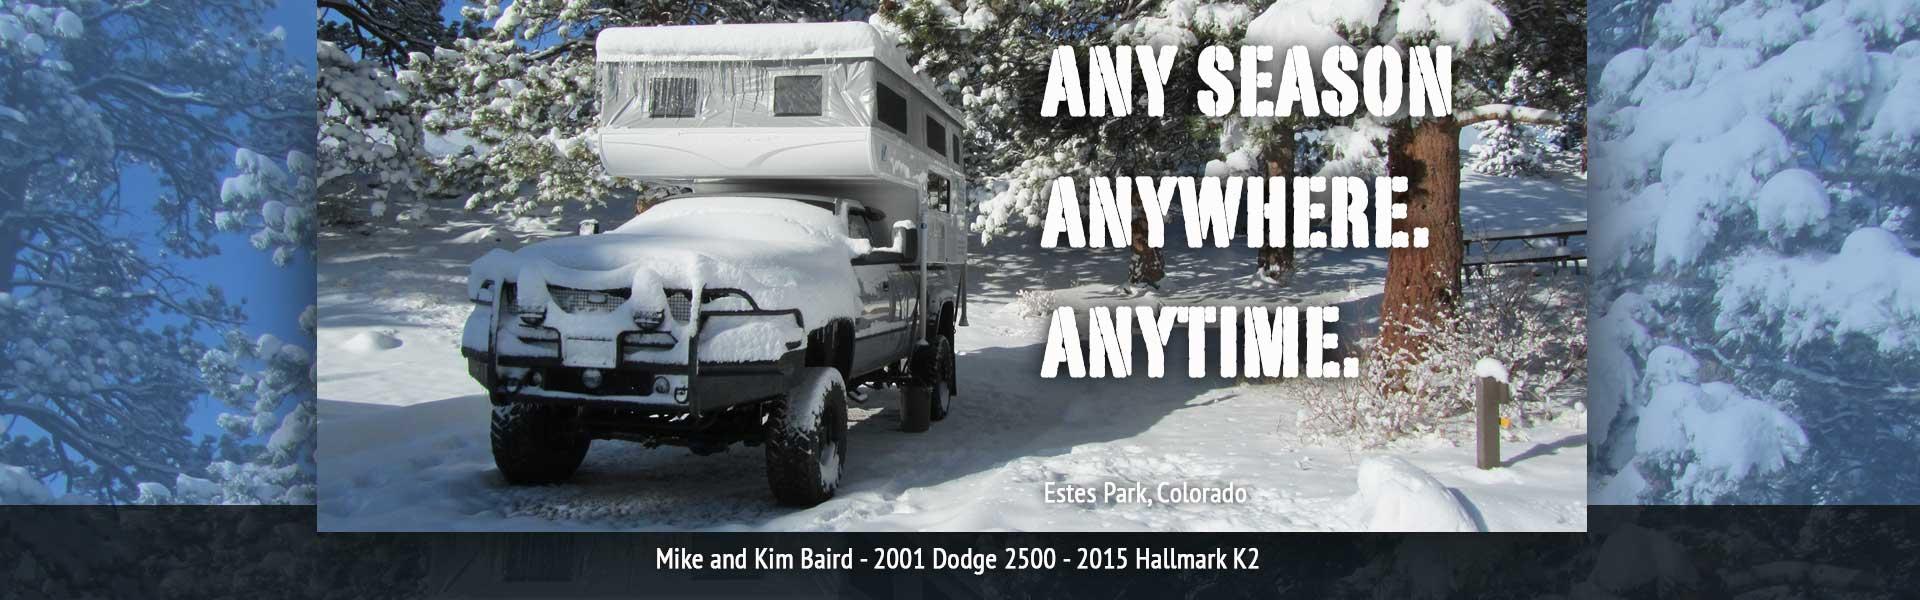 Hallmark RV | The Best Pop-Up Truck Camper